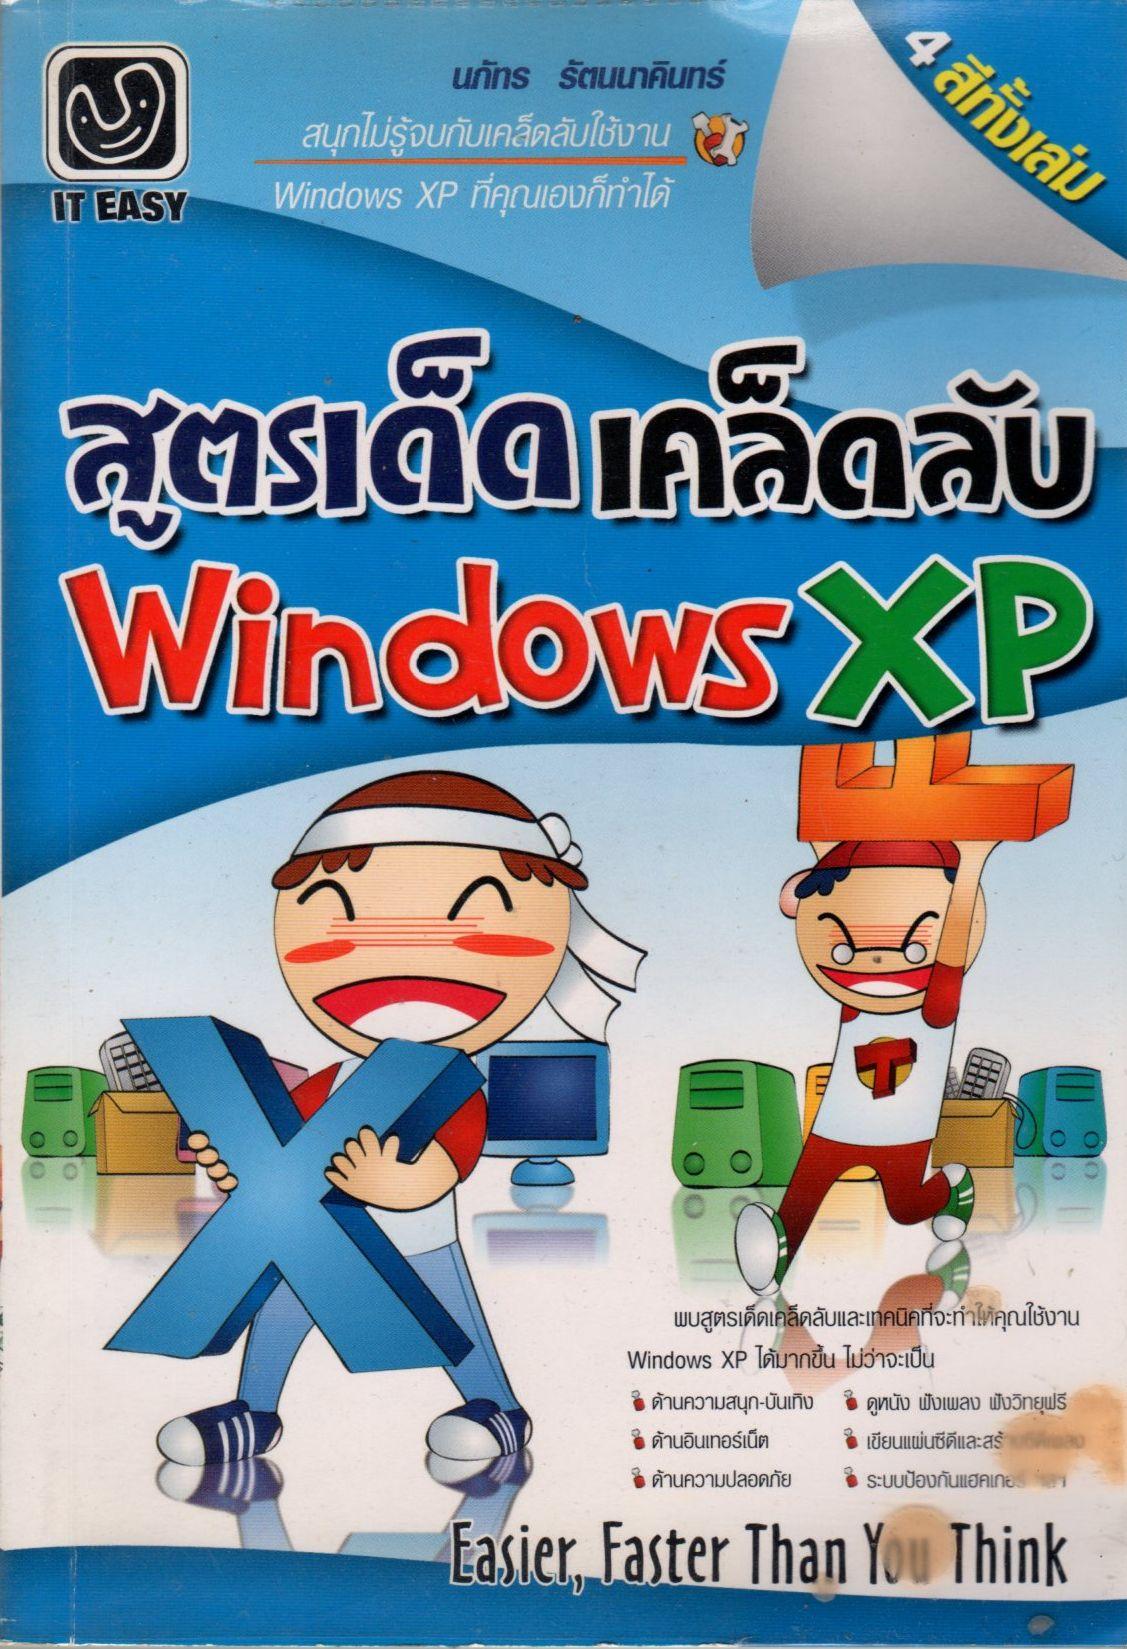 สูตรเด็ดเคล็ดลับ Windows XP